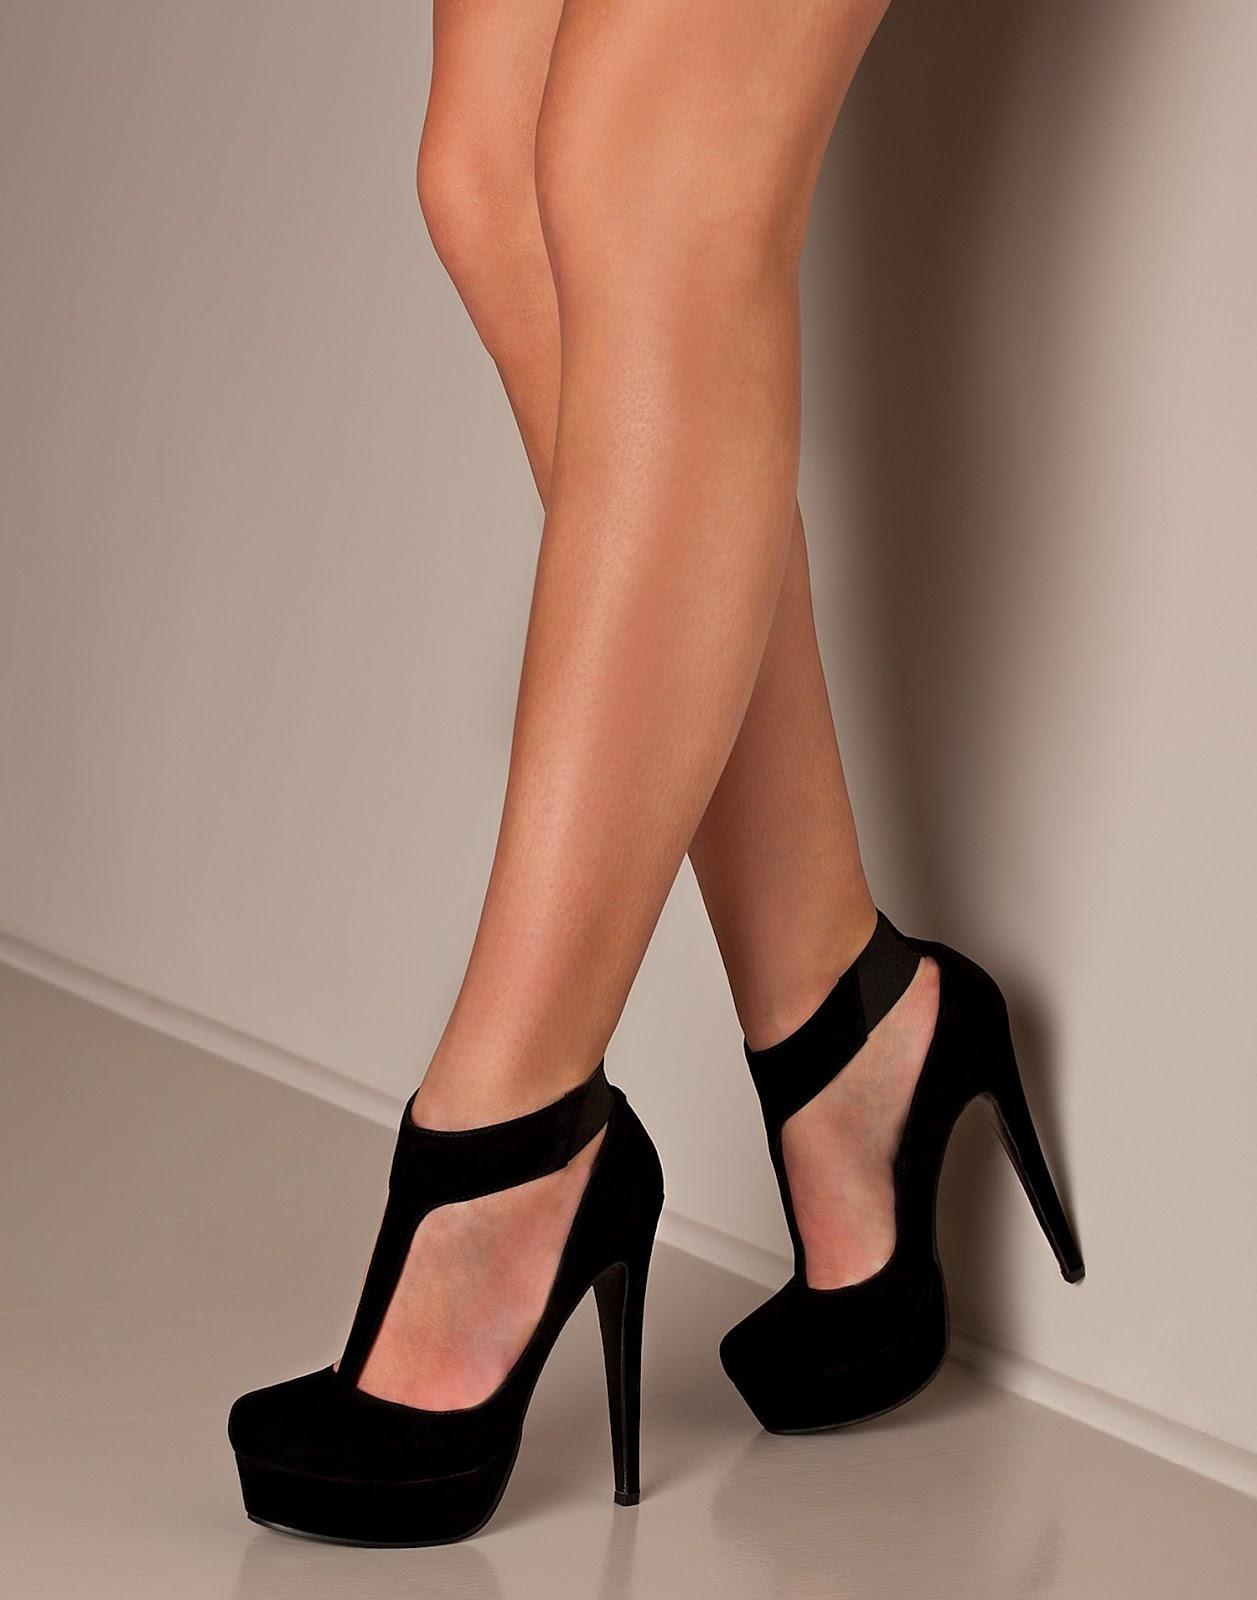 Фото ножки на шпильках 8 фотография